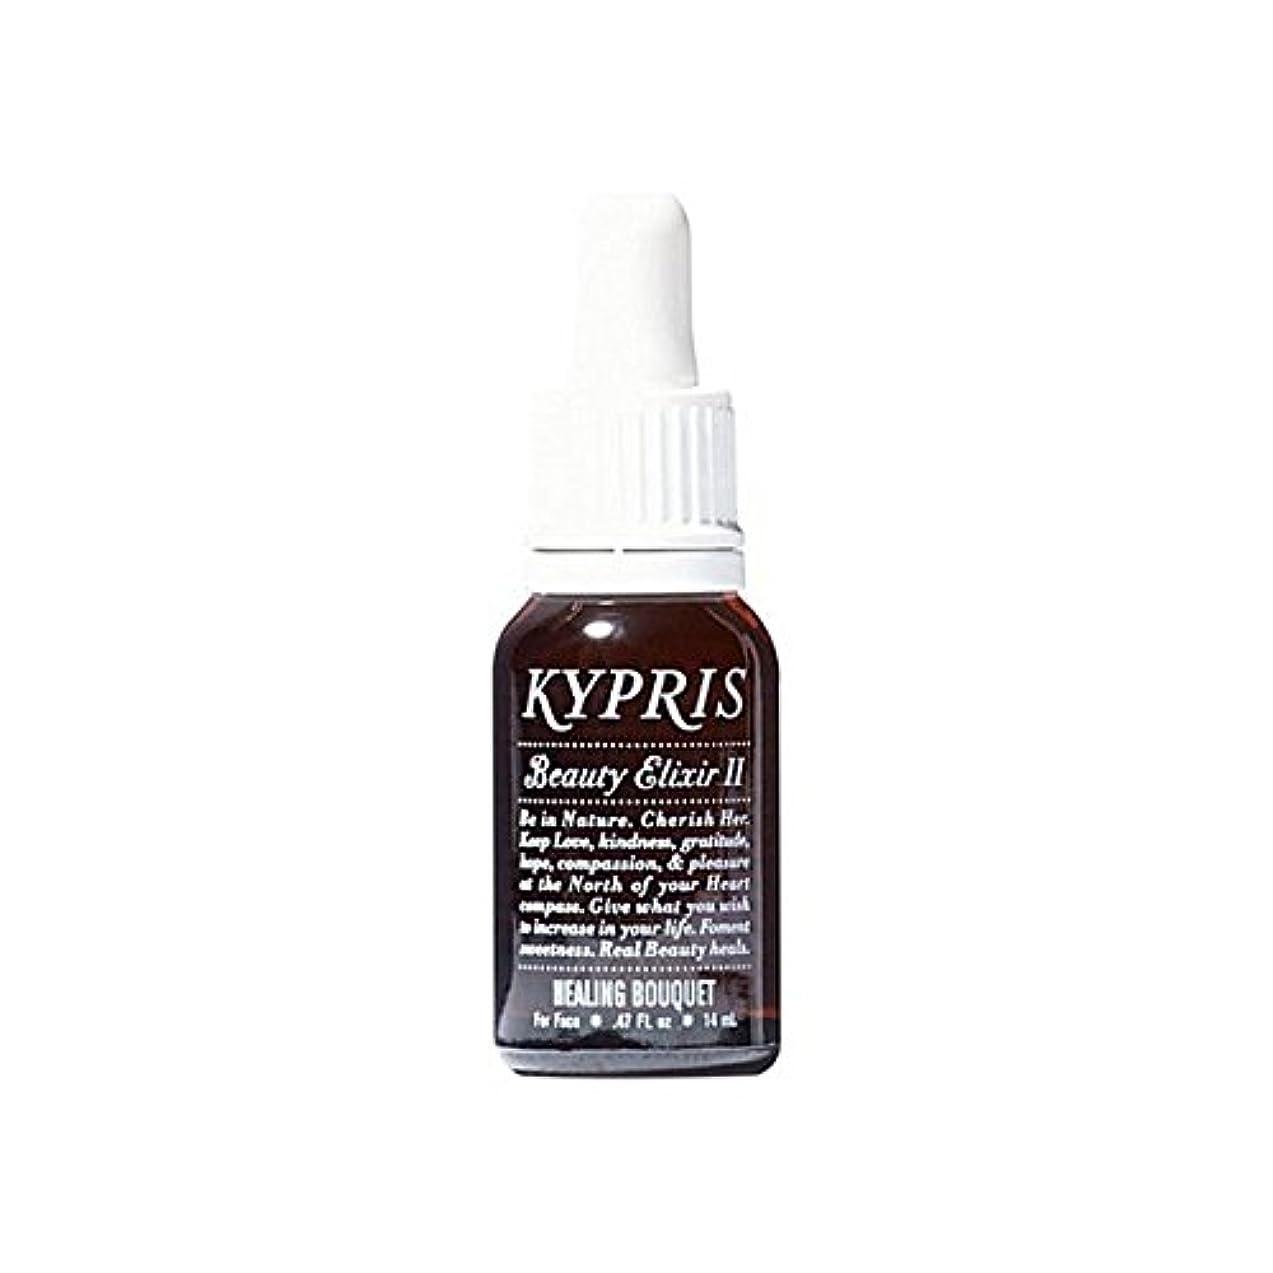 と組む特徴づける債権者美容エリクサー - 癒しの花束 x4 - Kypris Beauty Elixir Ii - Healing Bouquet (Pack of 4) [並行輸入品]